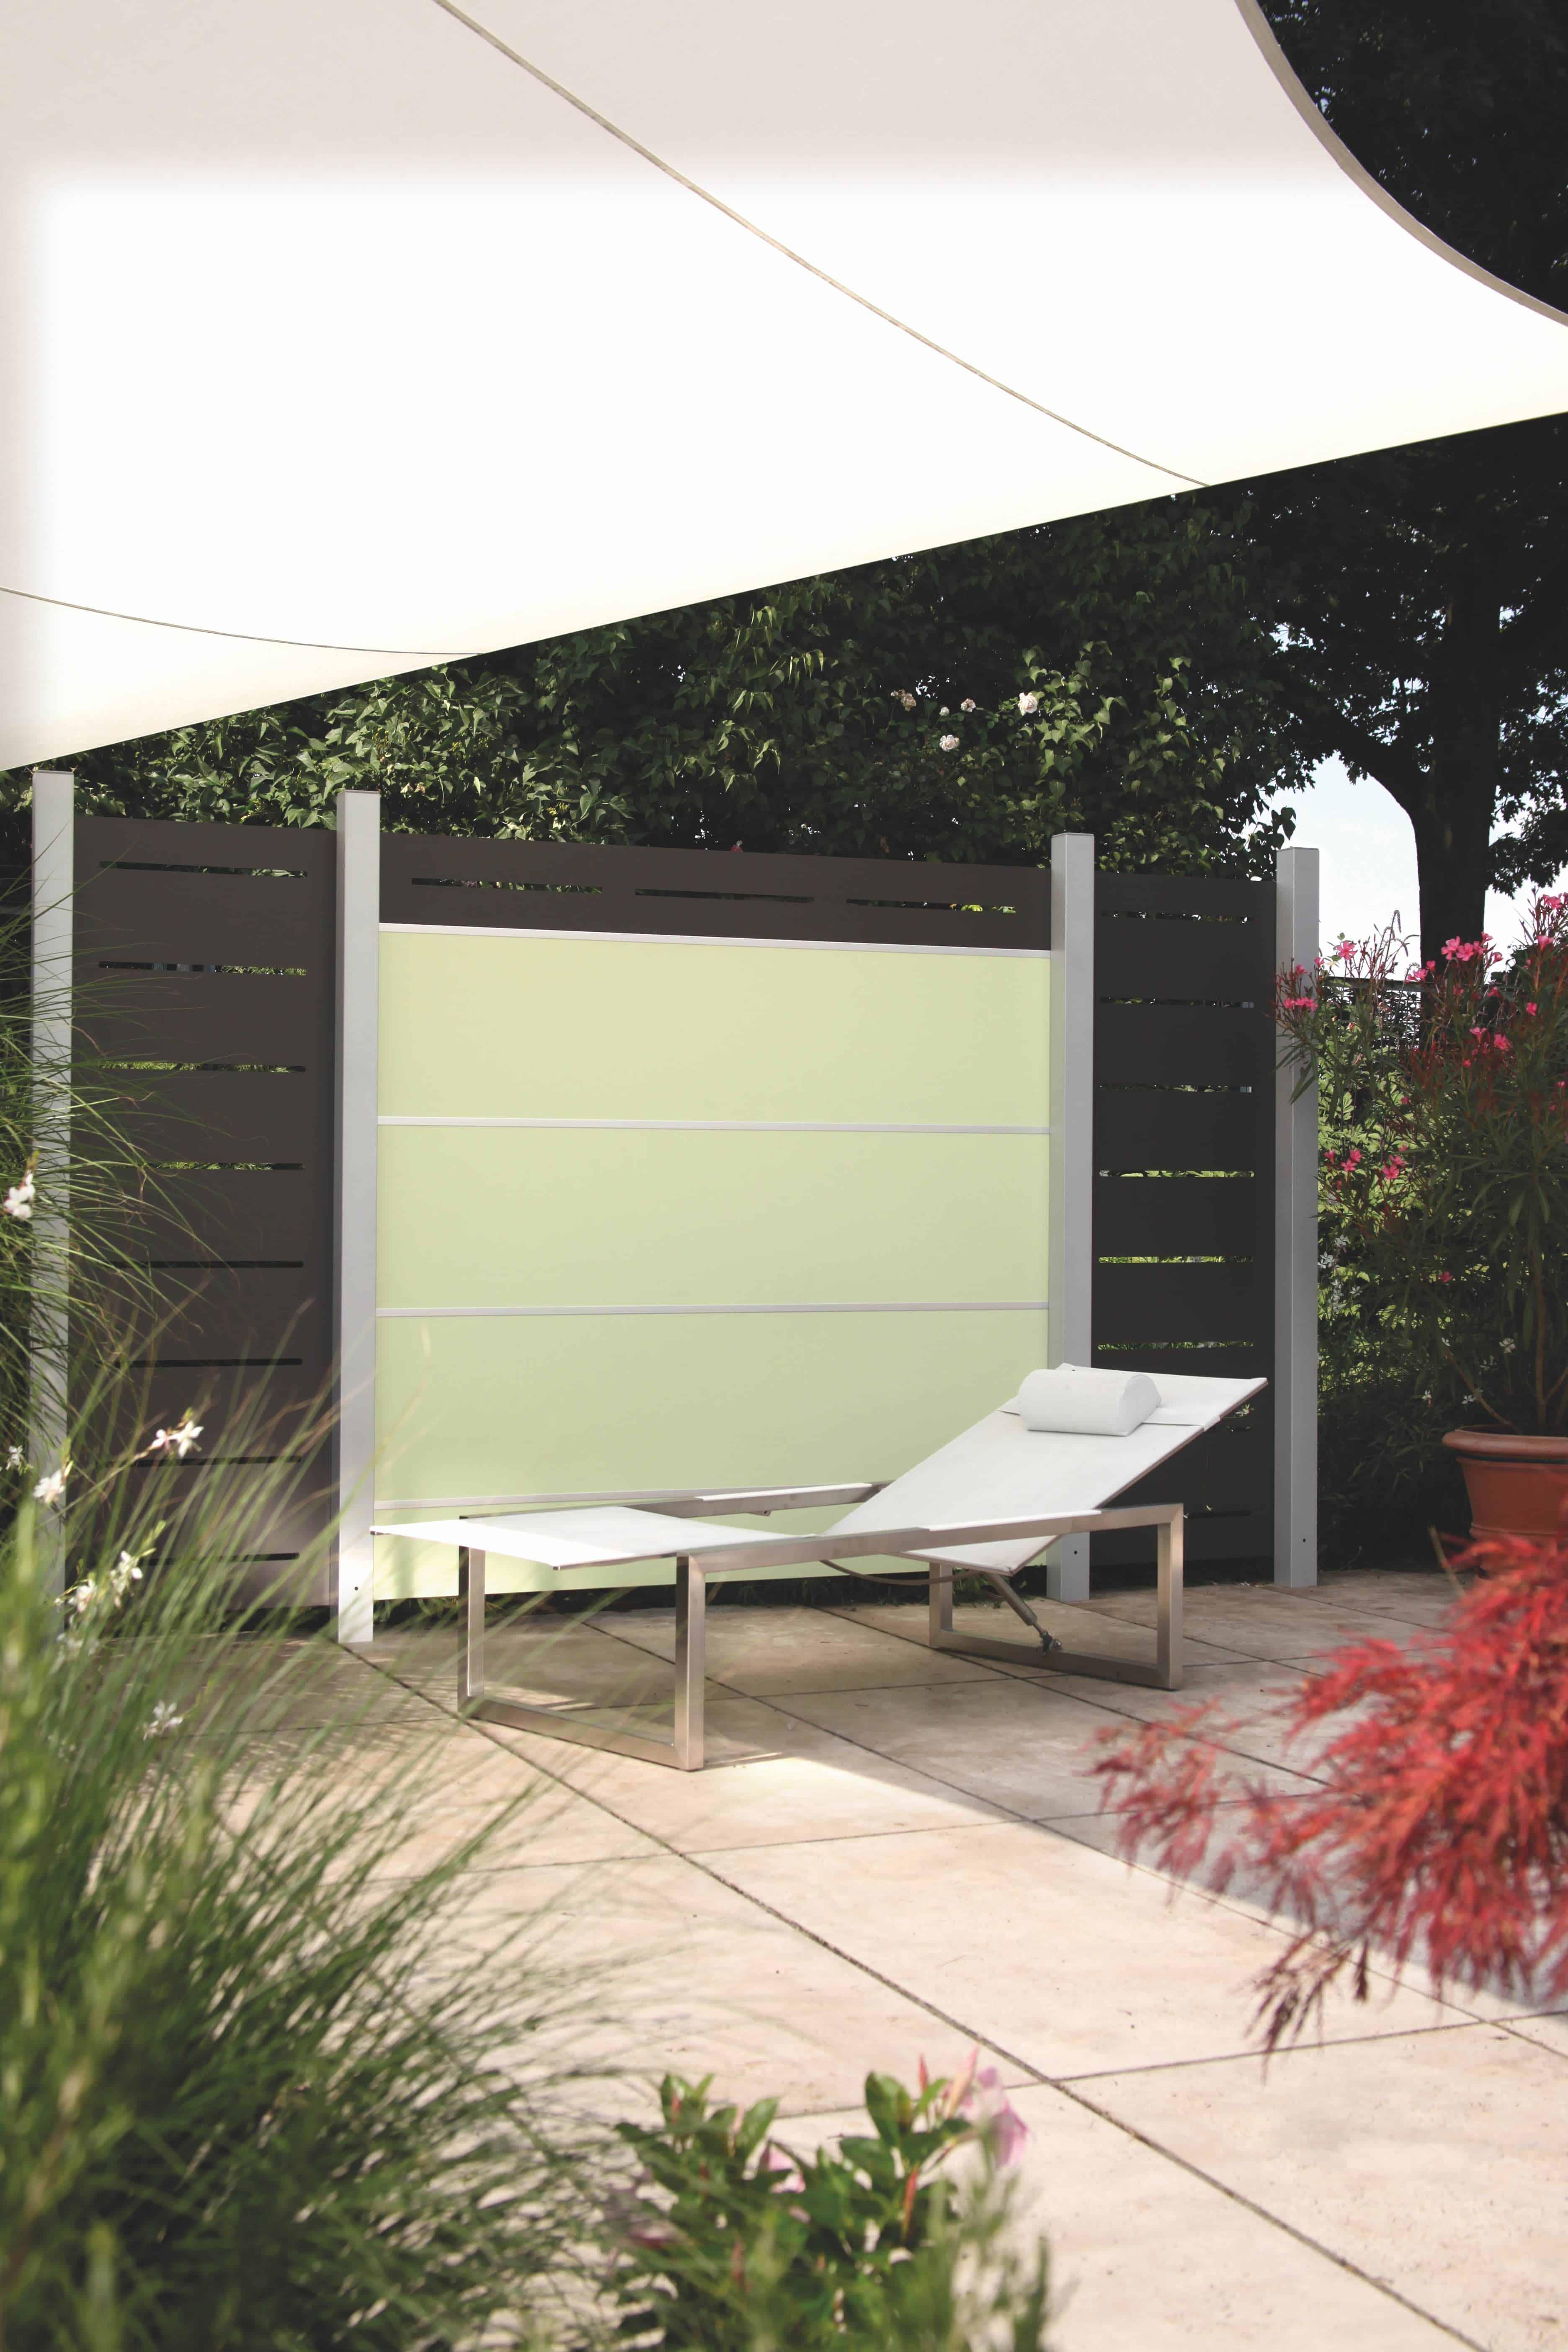 Inkijk beperken naar binnen, tuin of terras